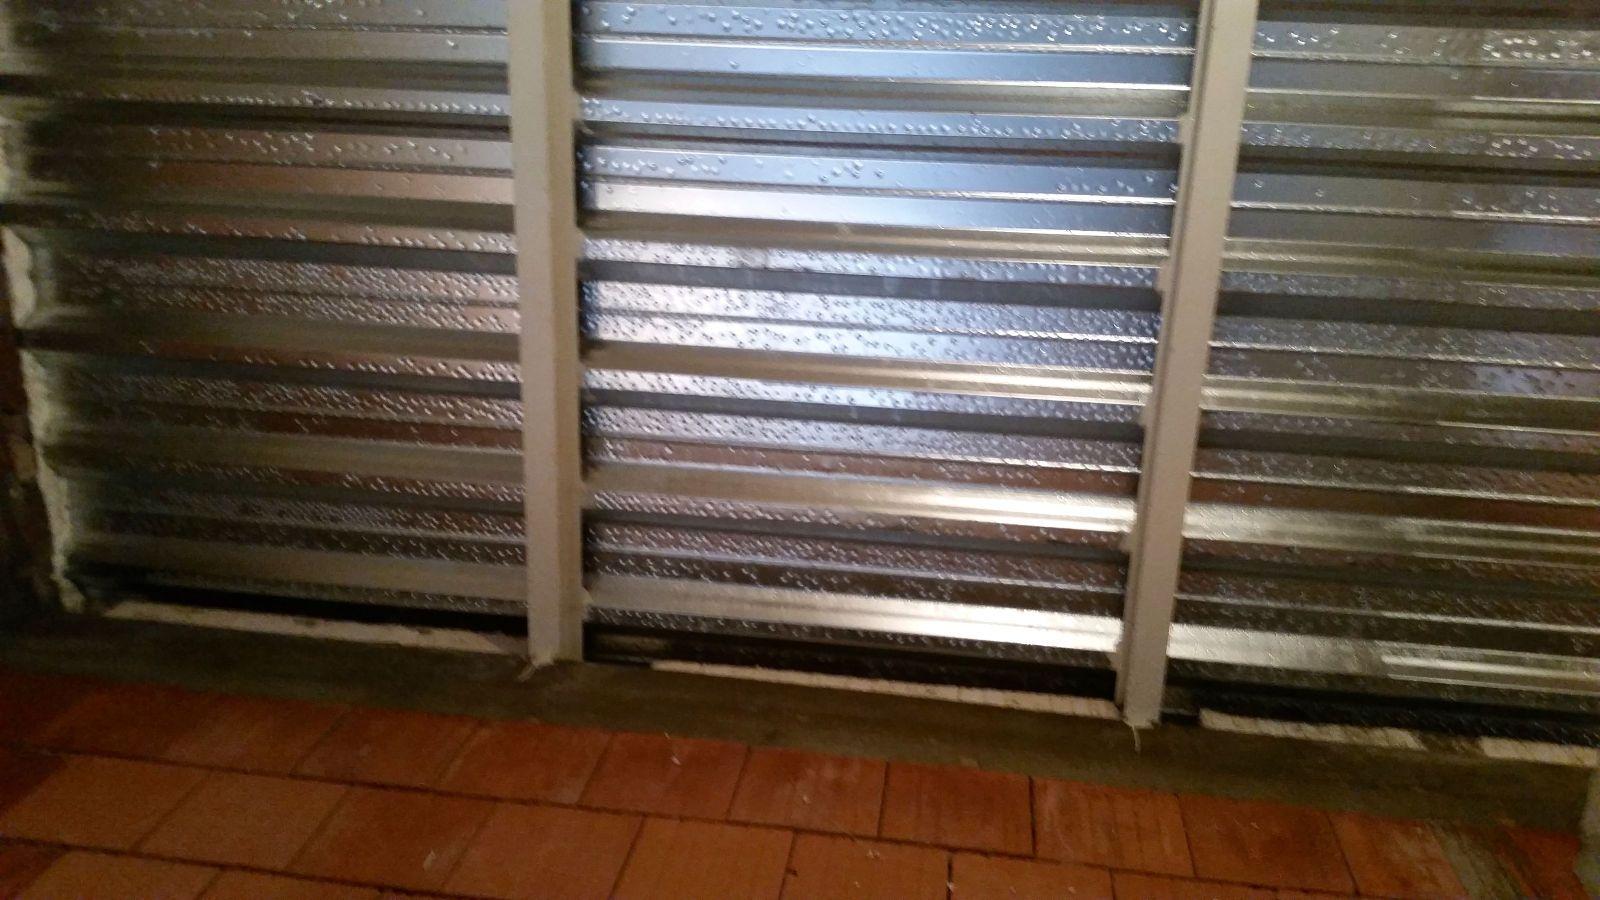 Instalace dodatečné tepelné izolace EPS